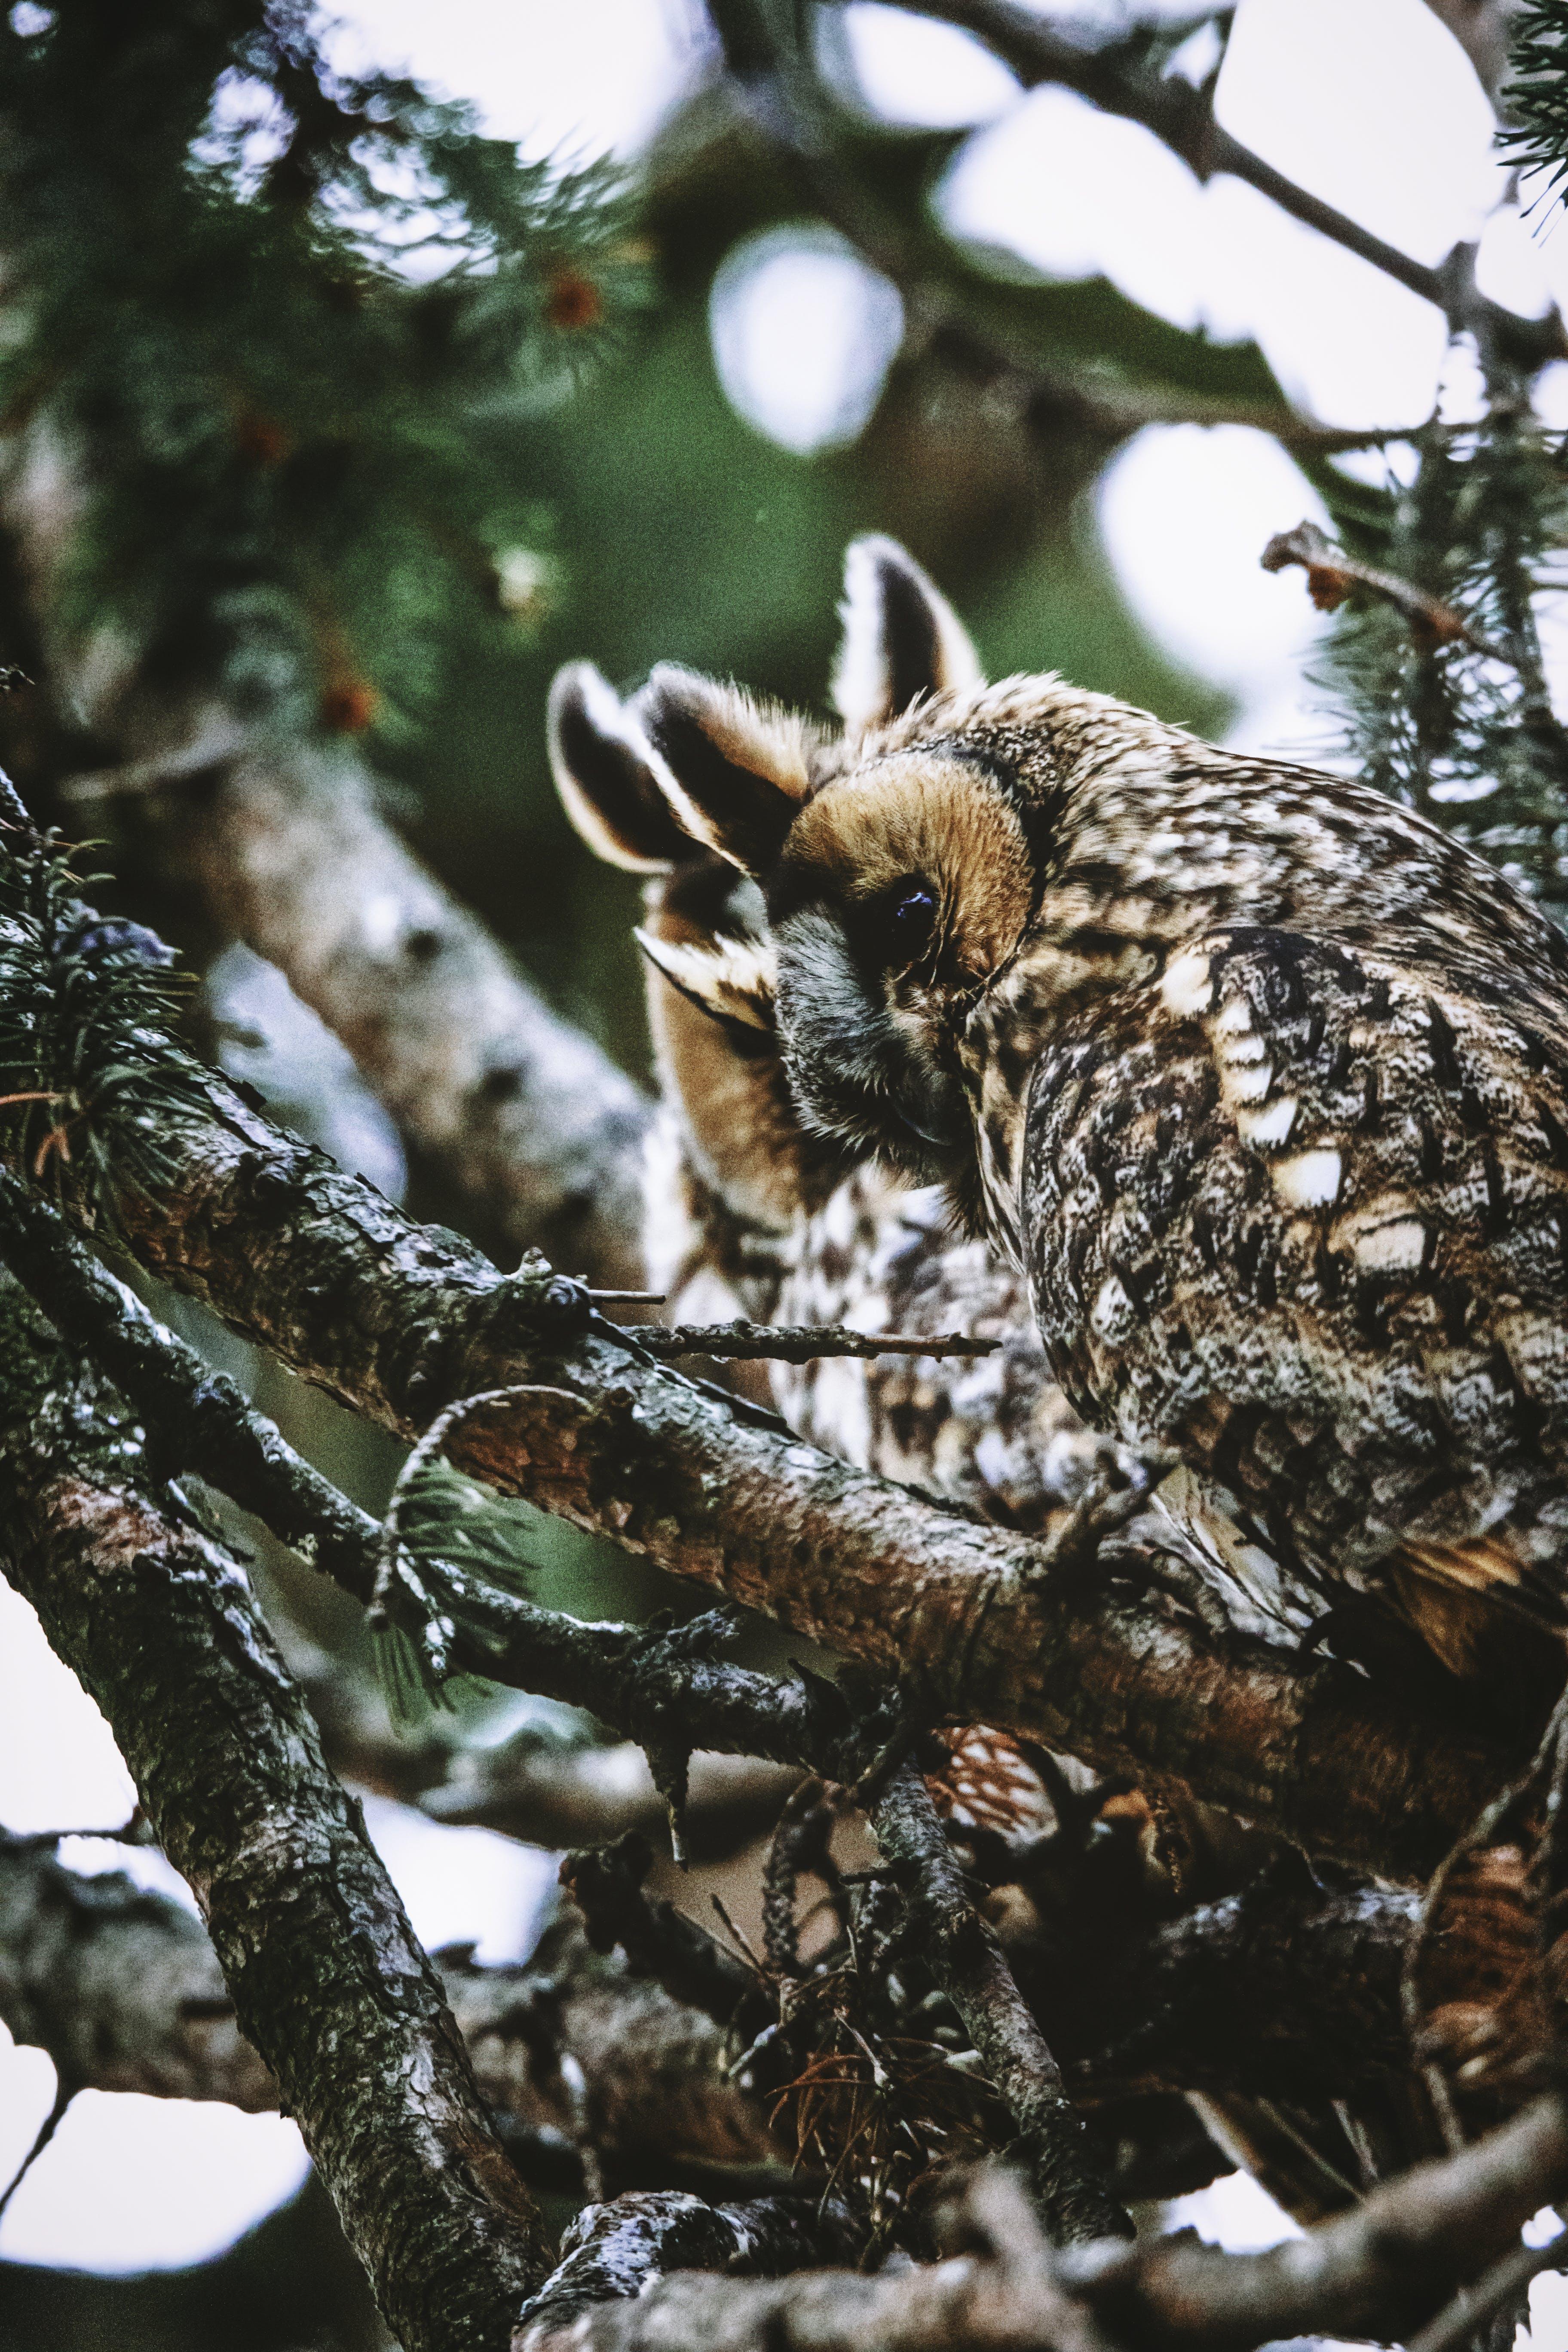 ふくろう, 動物, 木, 枝の無料の写真素材